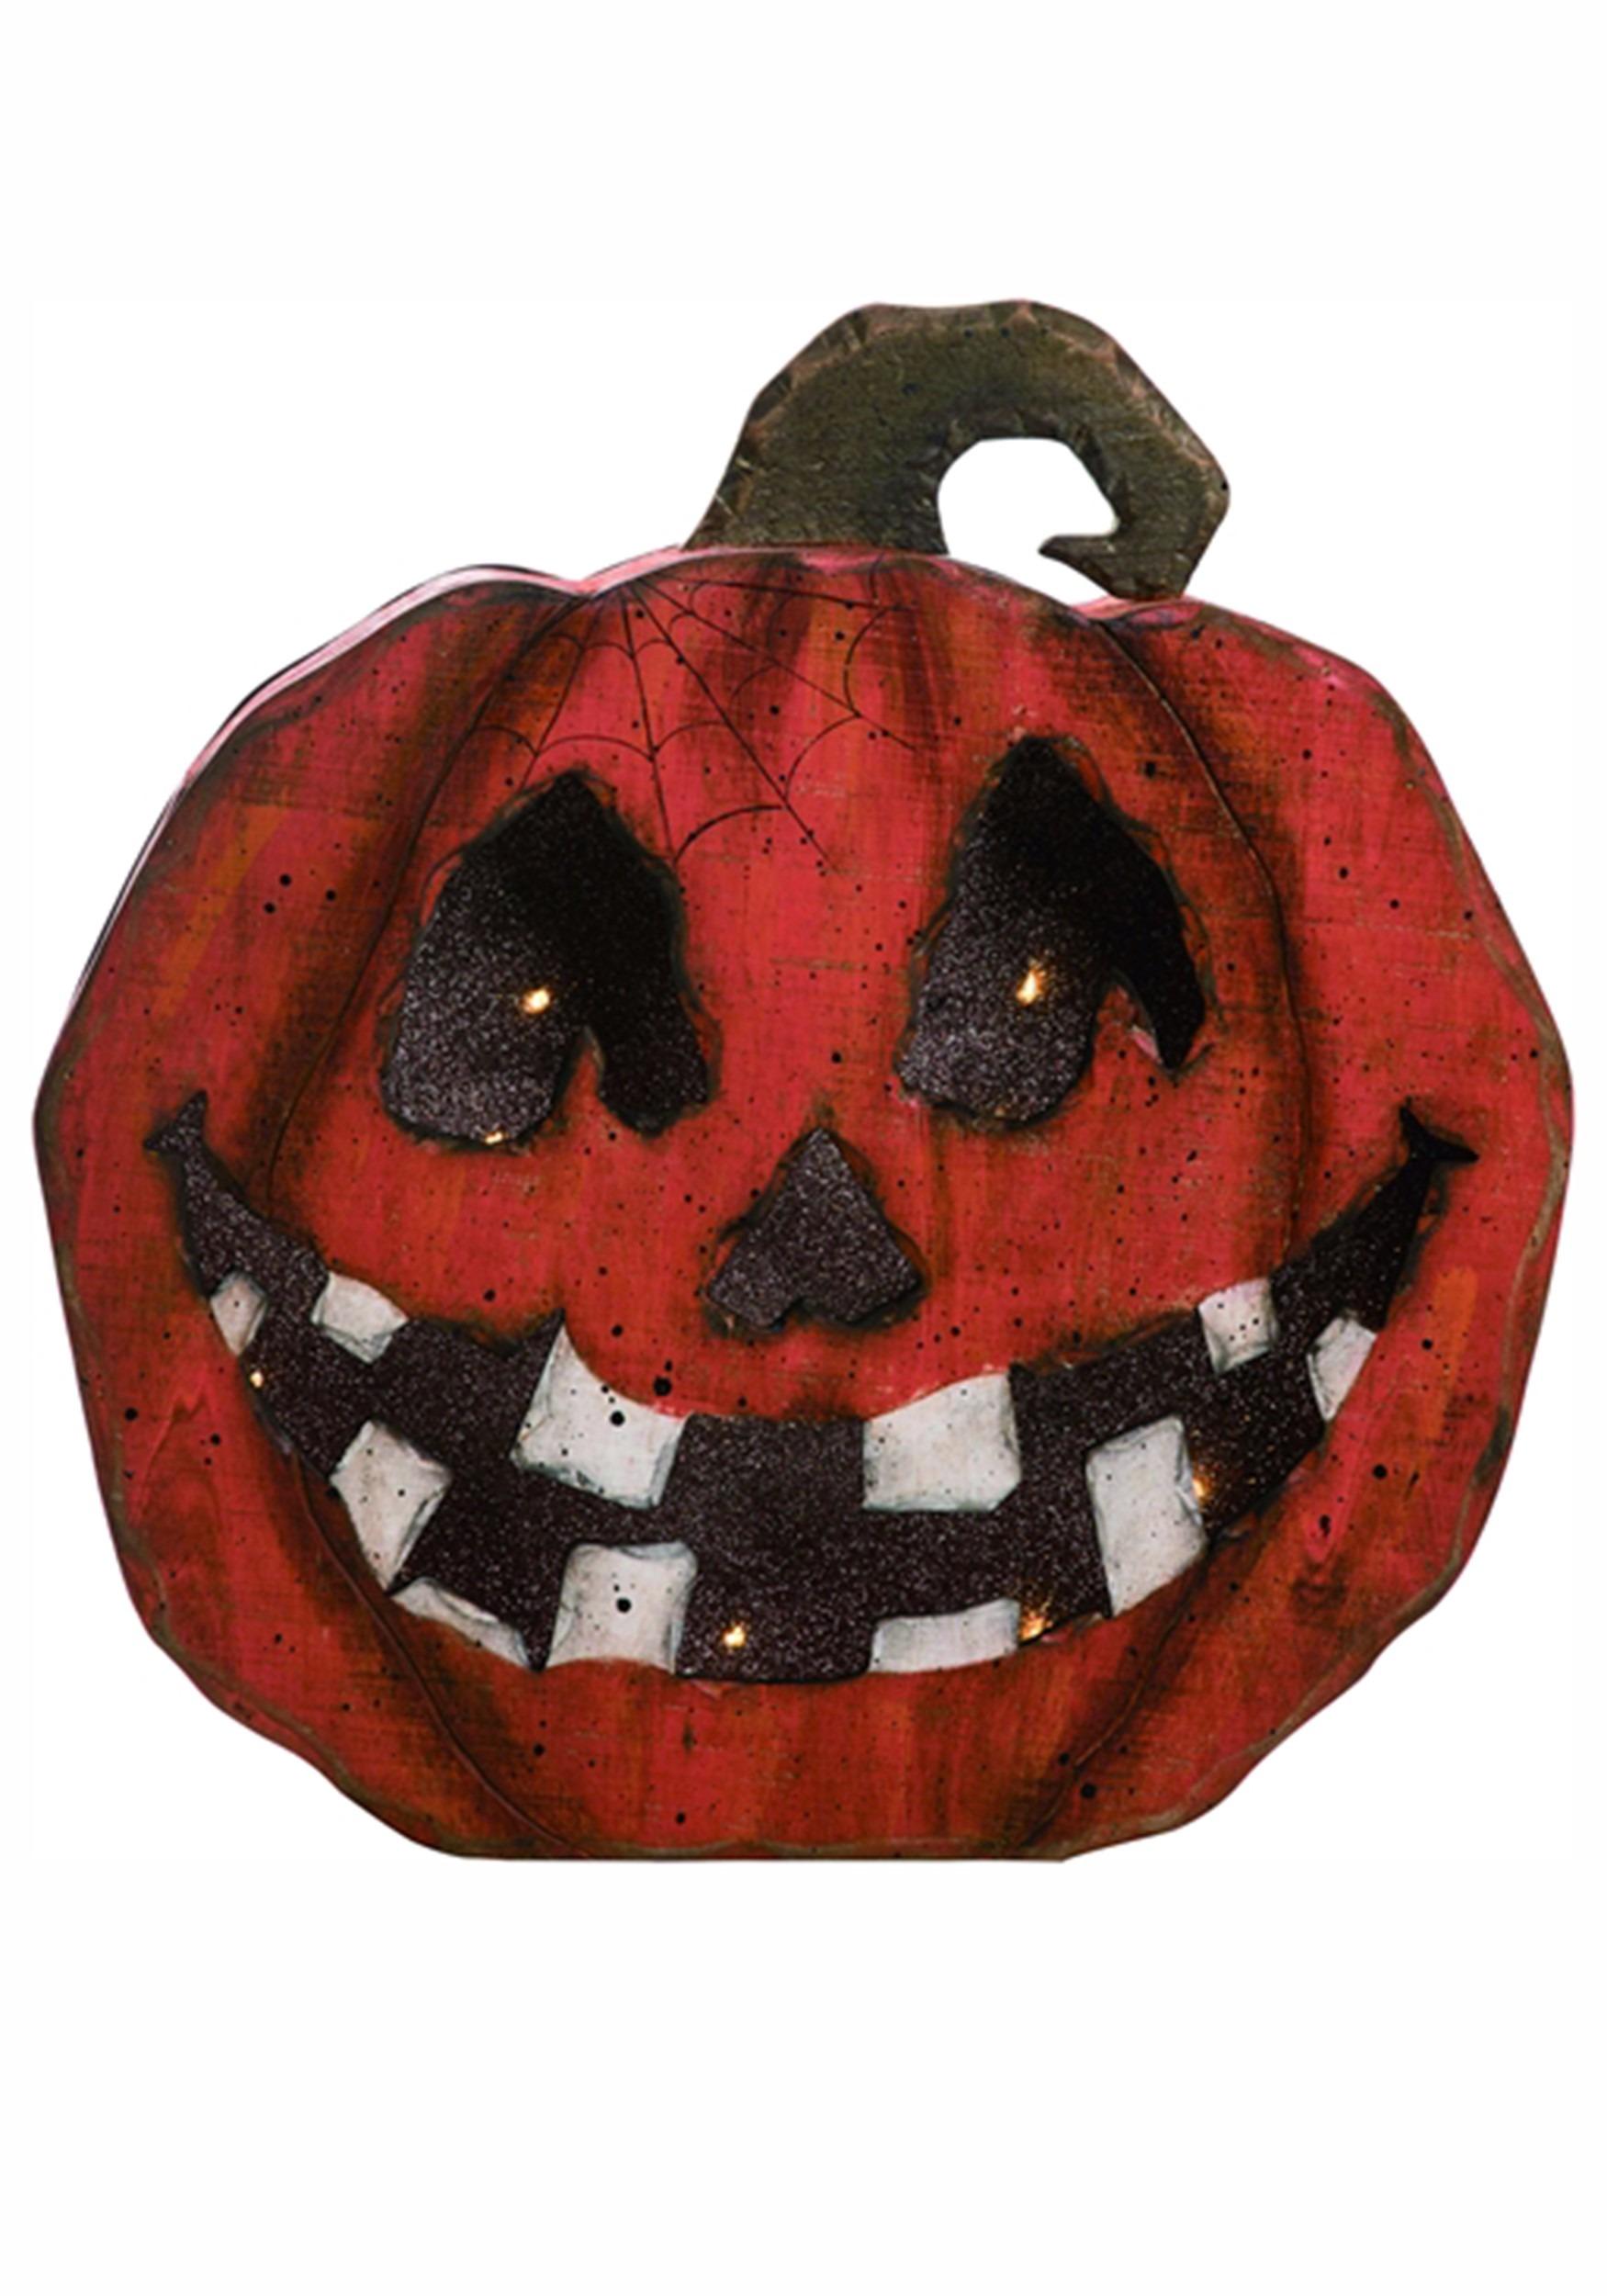 Jack-o-lantern Faces : jack-o-lantern, faces, Jack-O-Lantern, Pumpkin, Light, Halloween, Decor